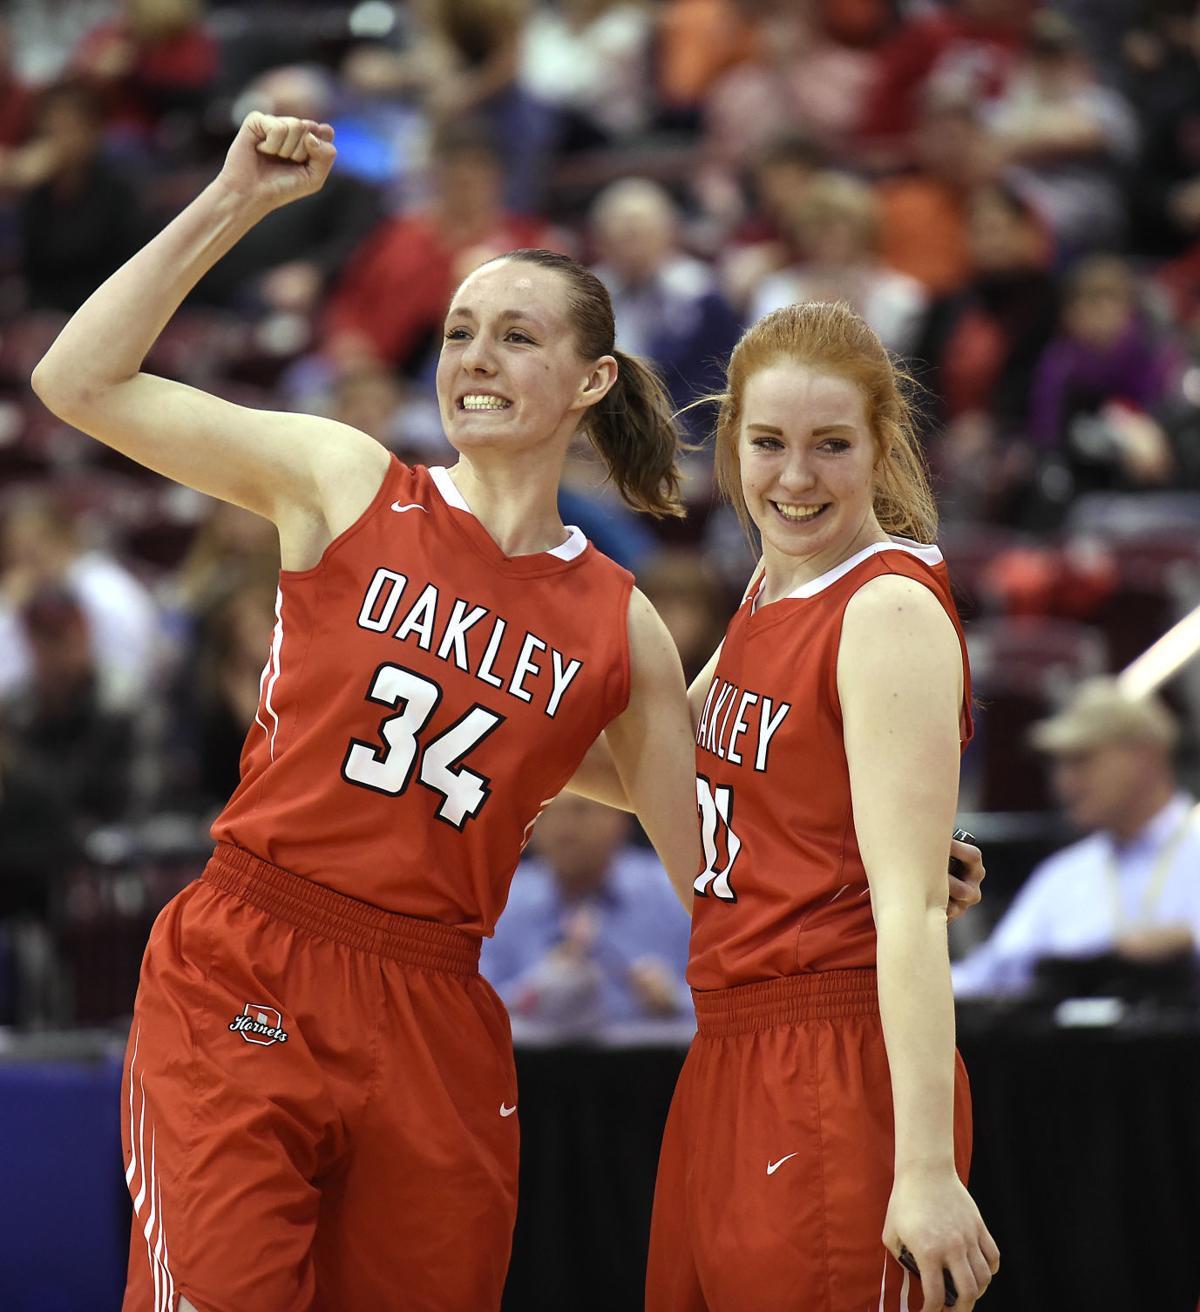 Girls Basketball - Prairie Vs. Oakley